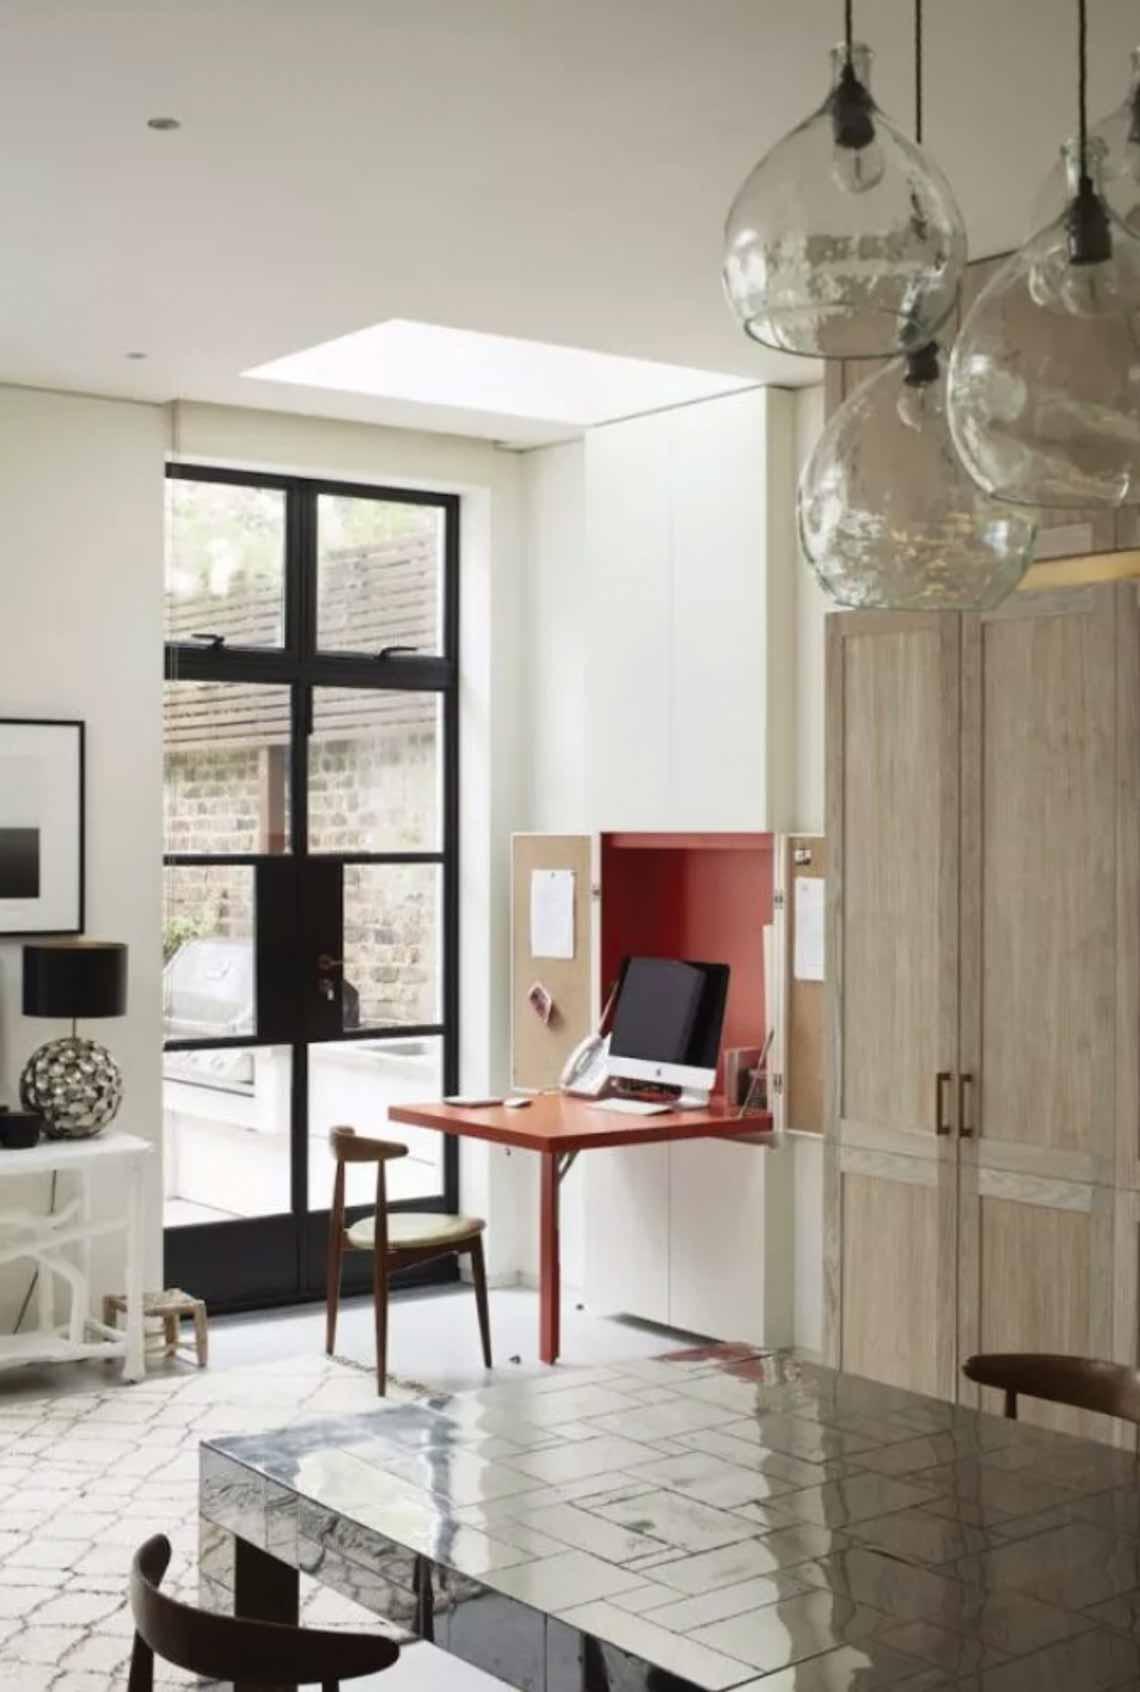 Covid-19 và những xu hướng thiết kế nội thất mới - 6